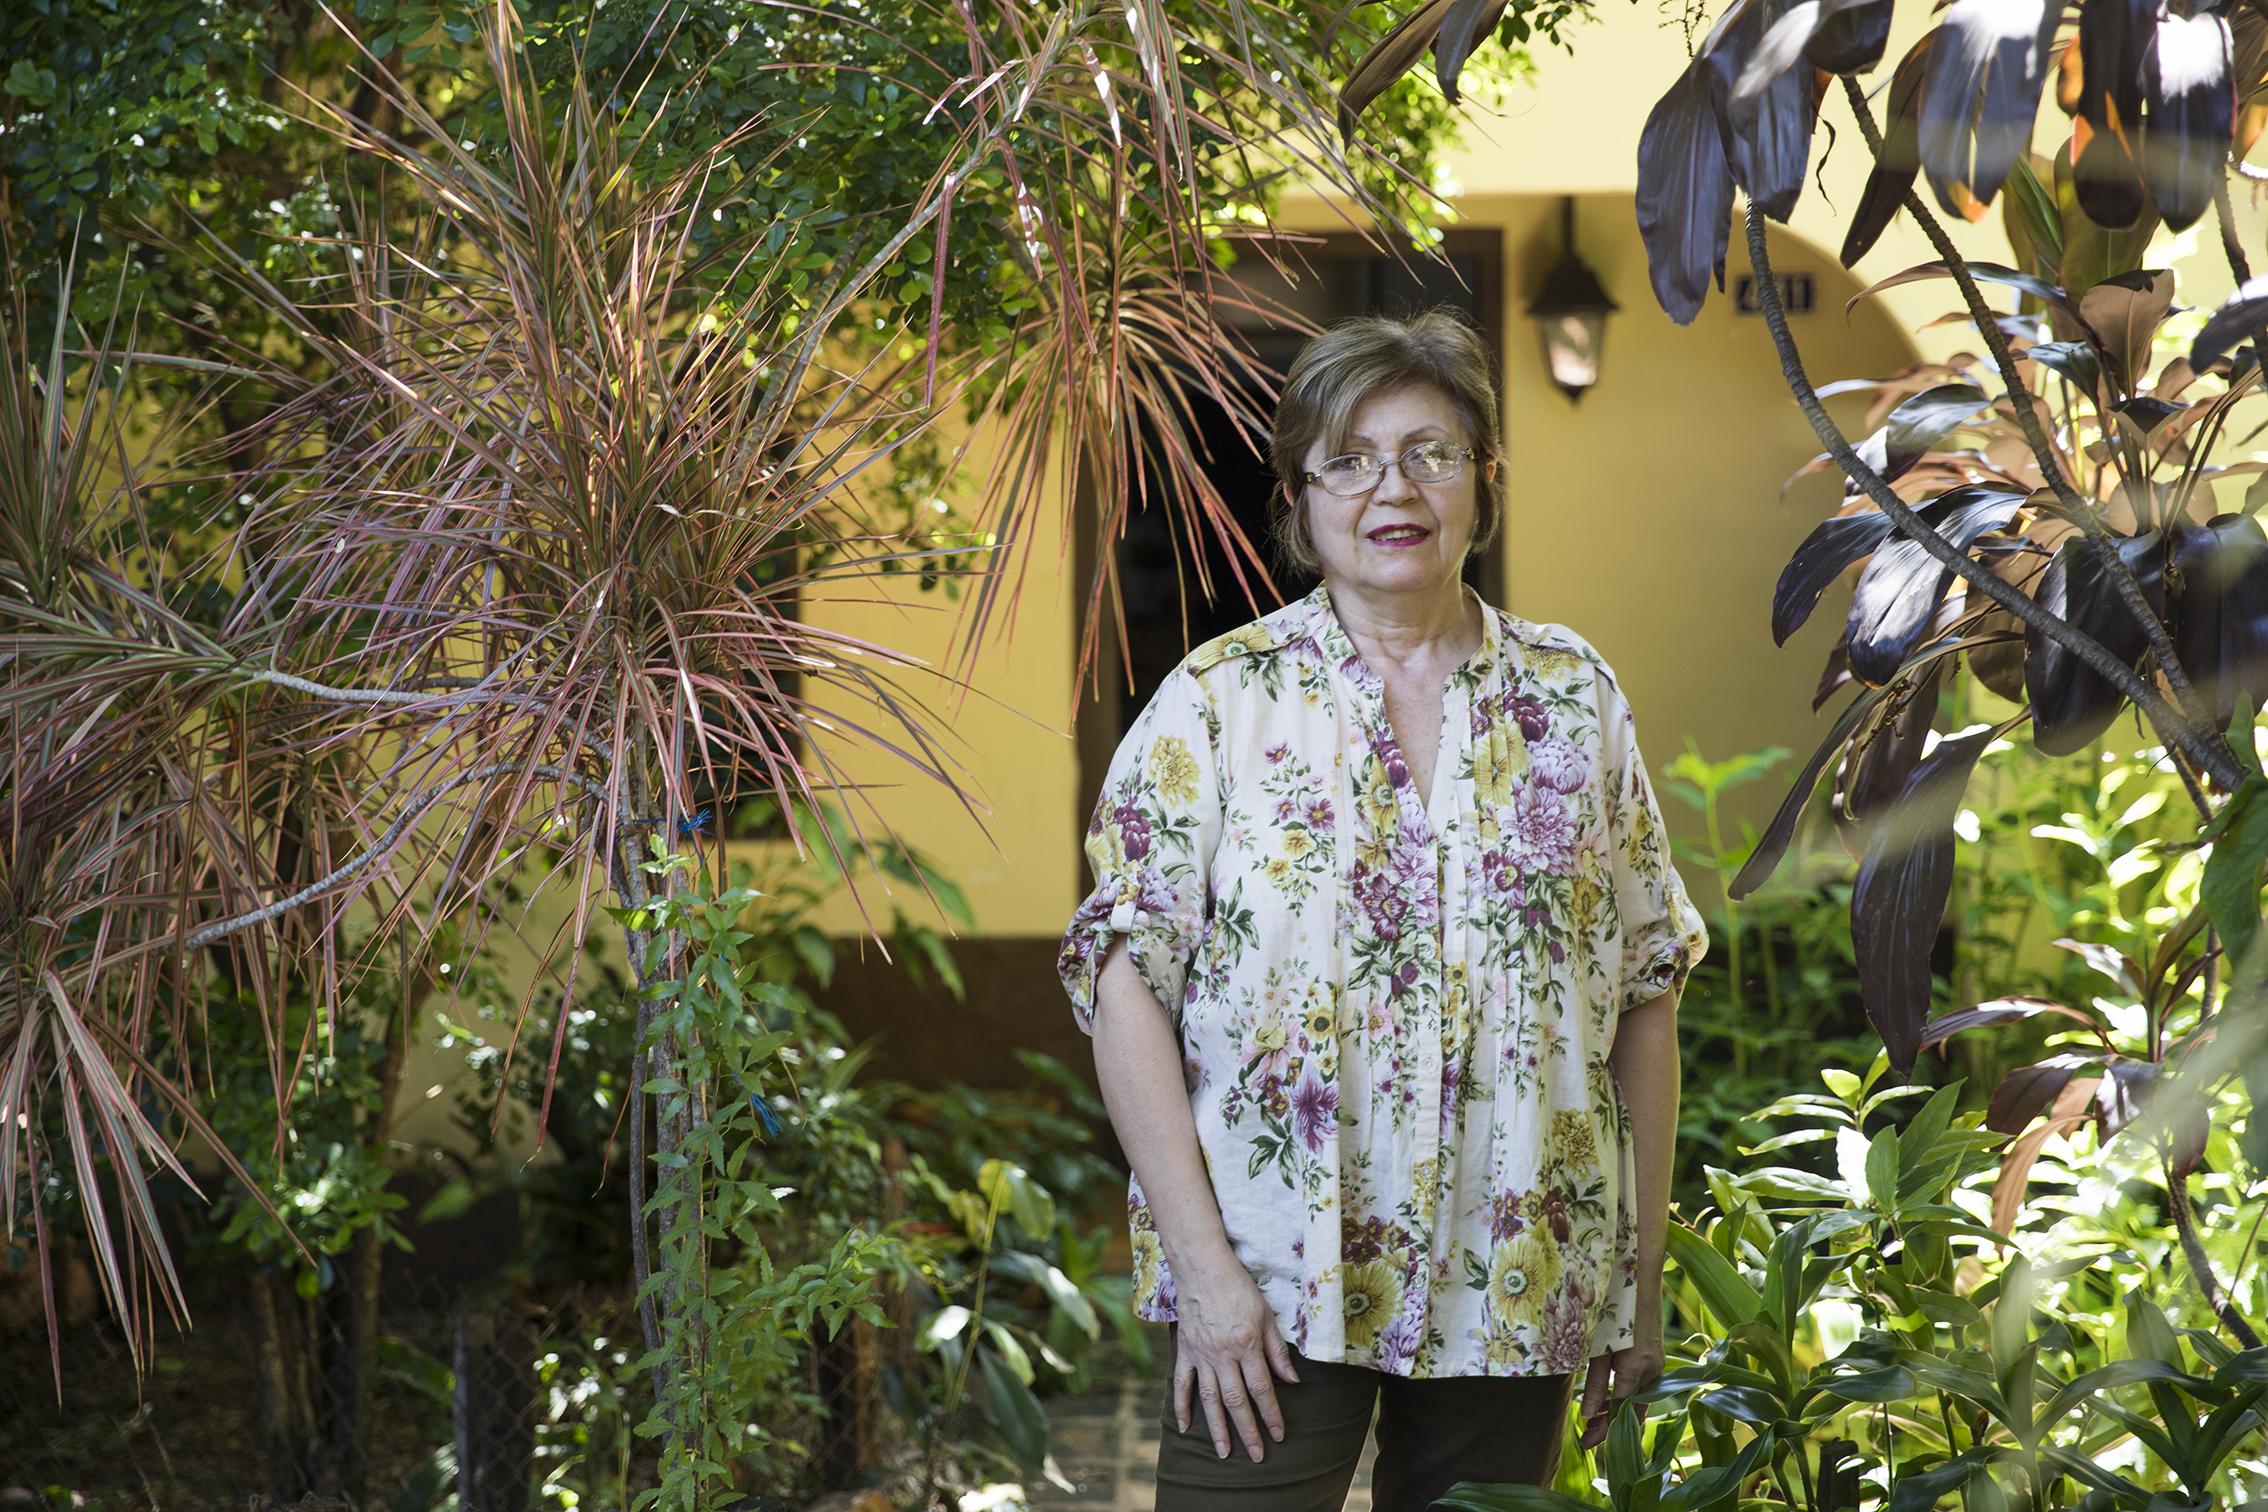 Susy Delgado © Laura Mandelik